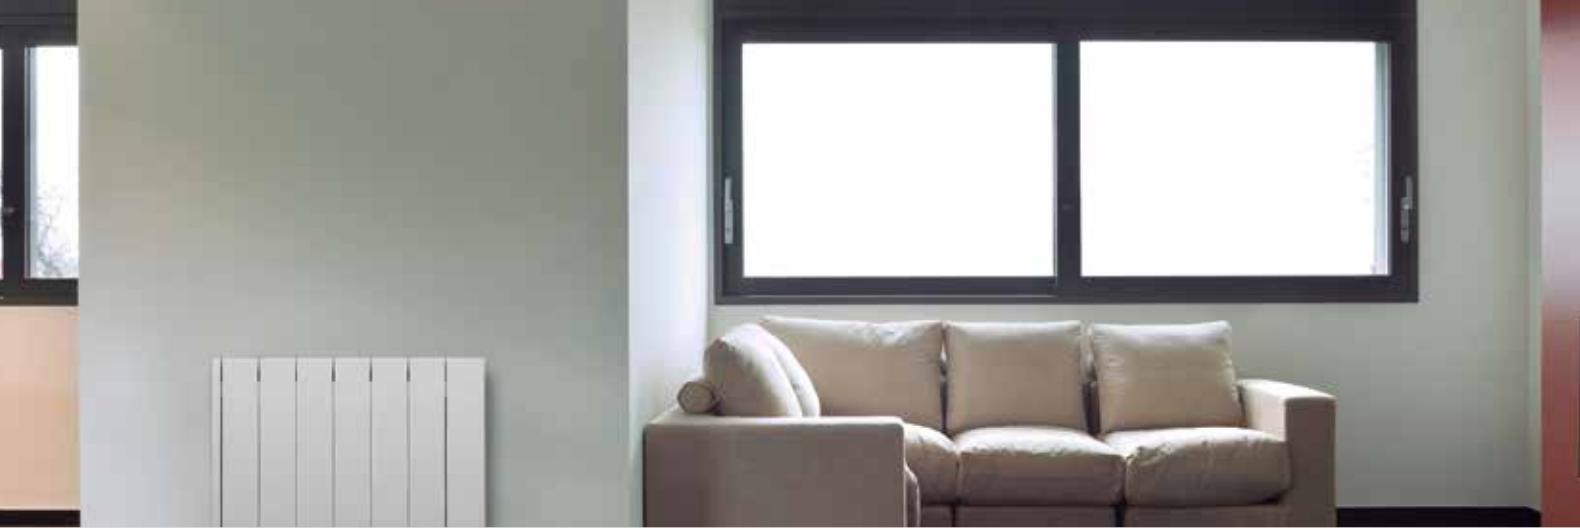 Elegir el radiador el ctrico para tu calefacci n - Emisores termicos electricos ...